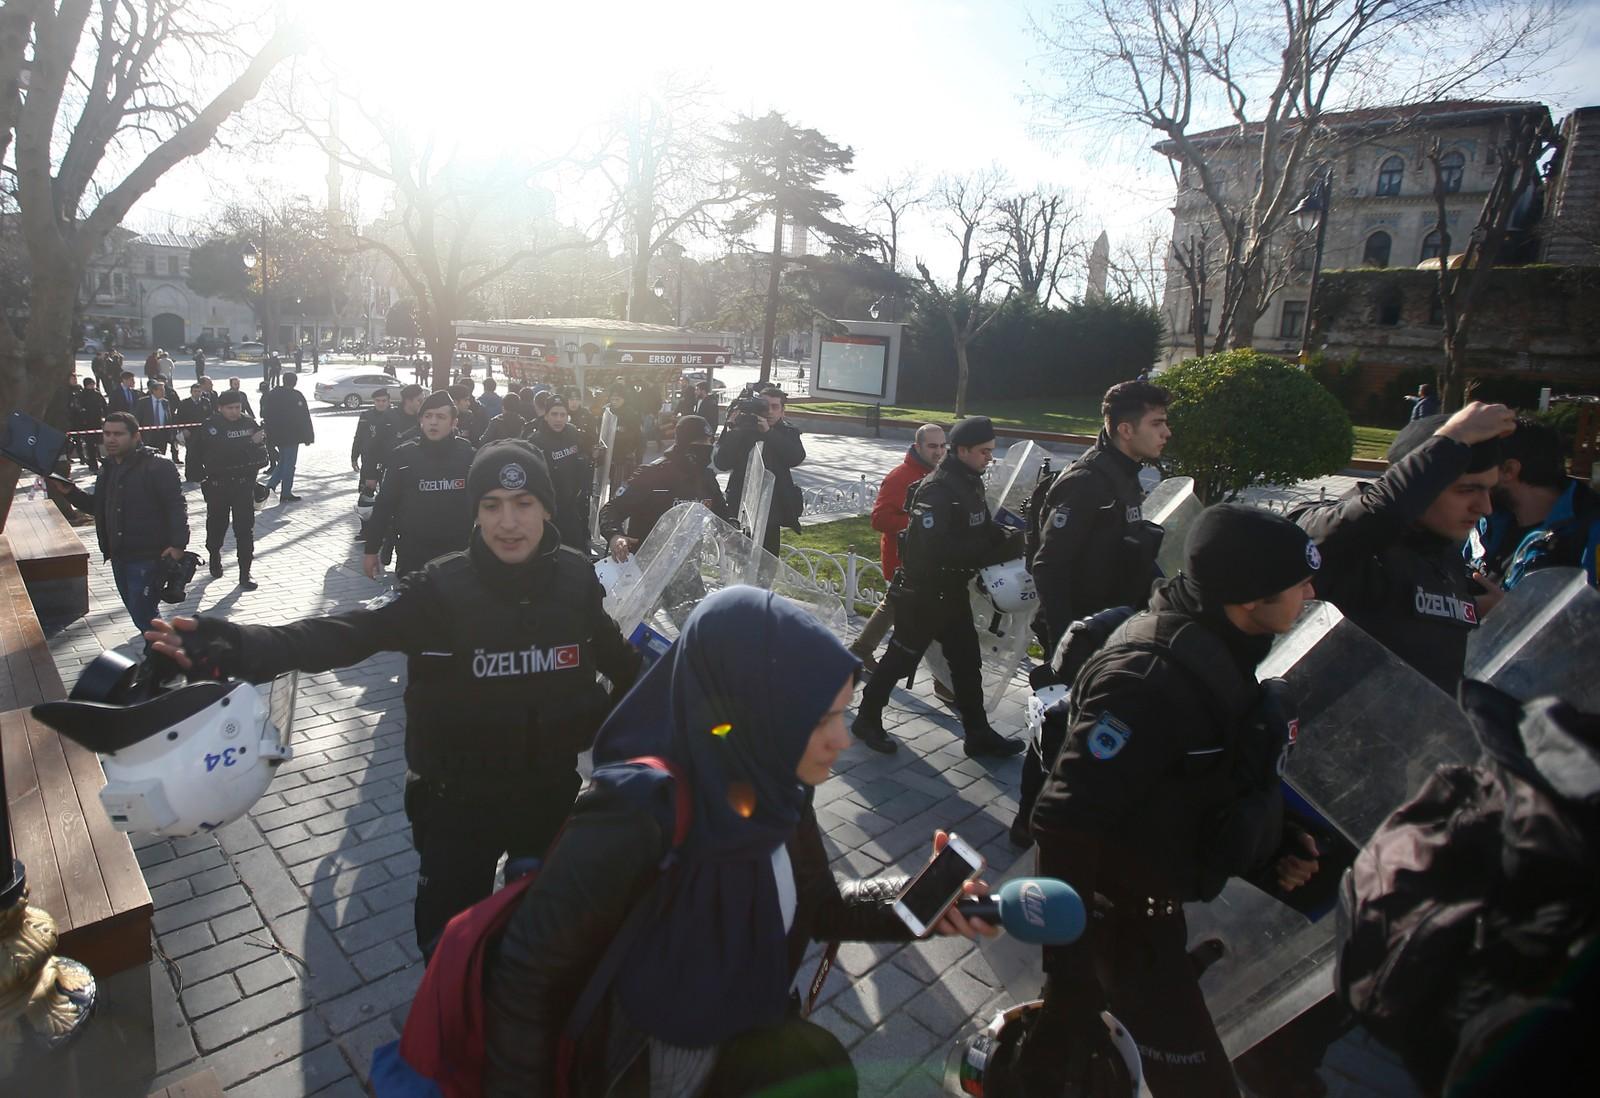 Alle som var i området der eksplosjonen skjedde vart evakuerte, og politiet sette opp sperringar.